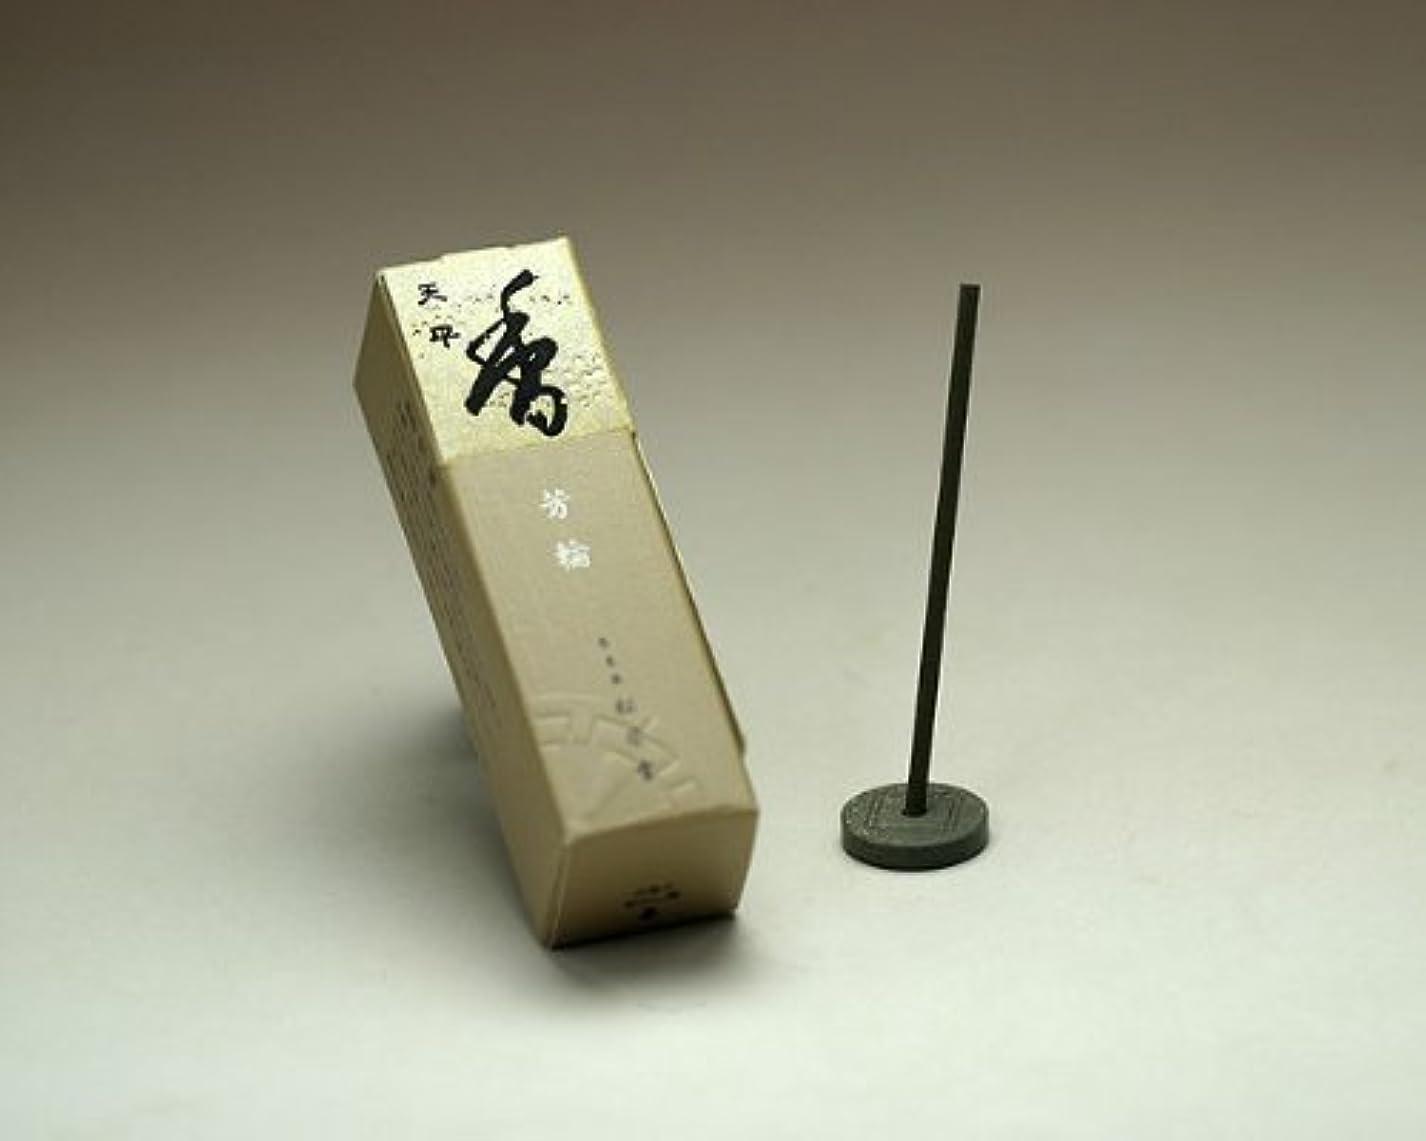 どこにでも突然のシュガー銘香芳輪 松栄堂のお香 芳輪天平 ST20本入 簡易香立付 #210523